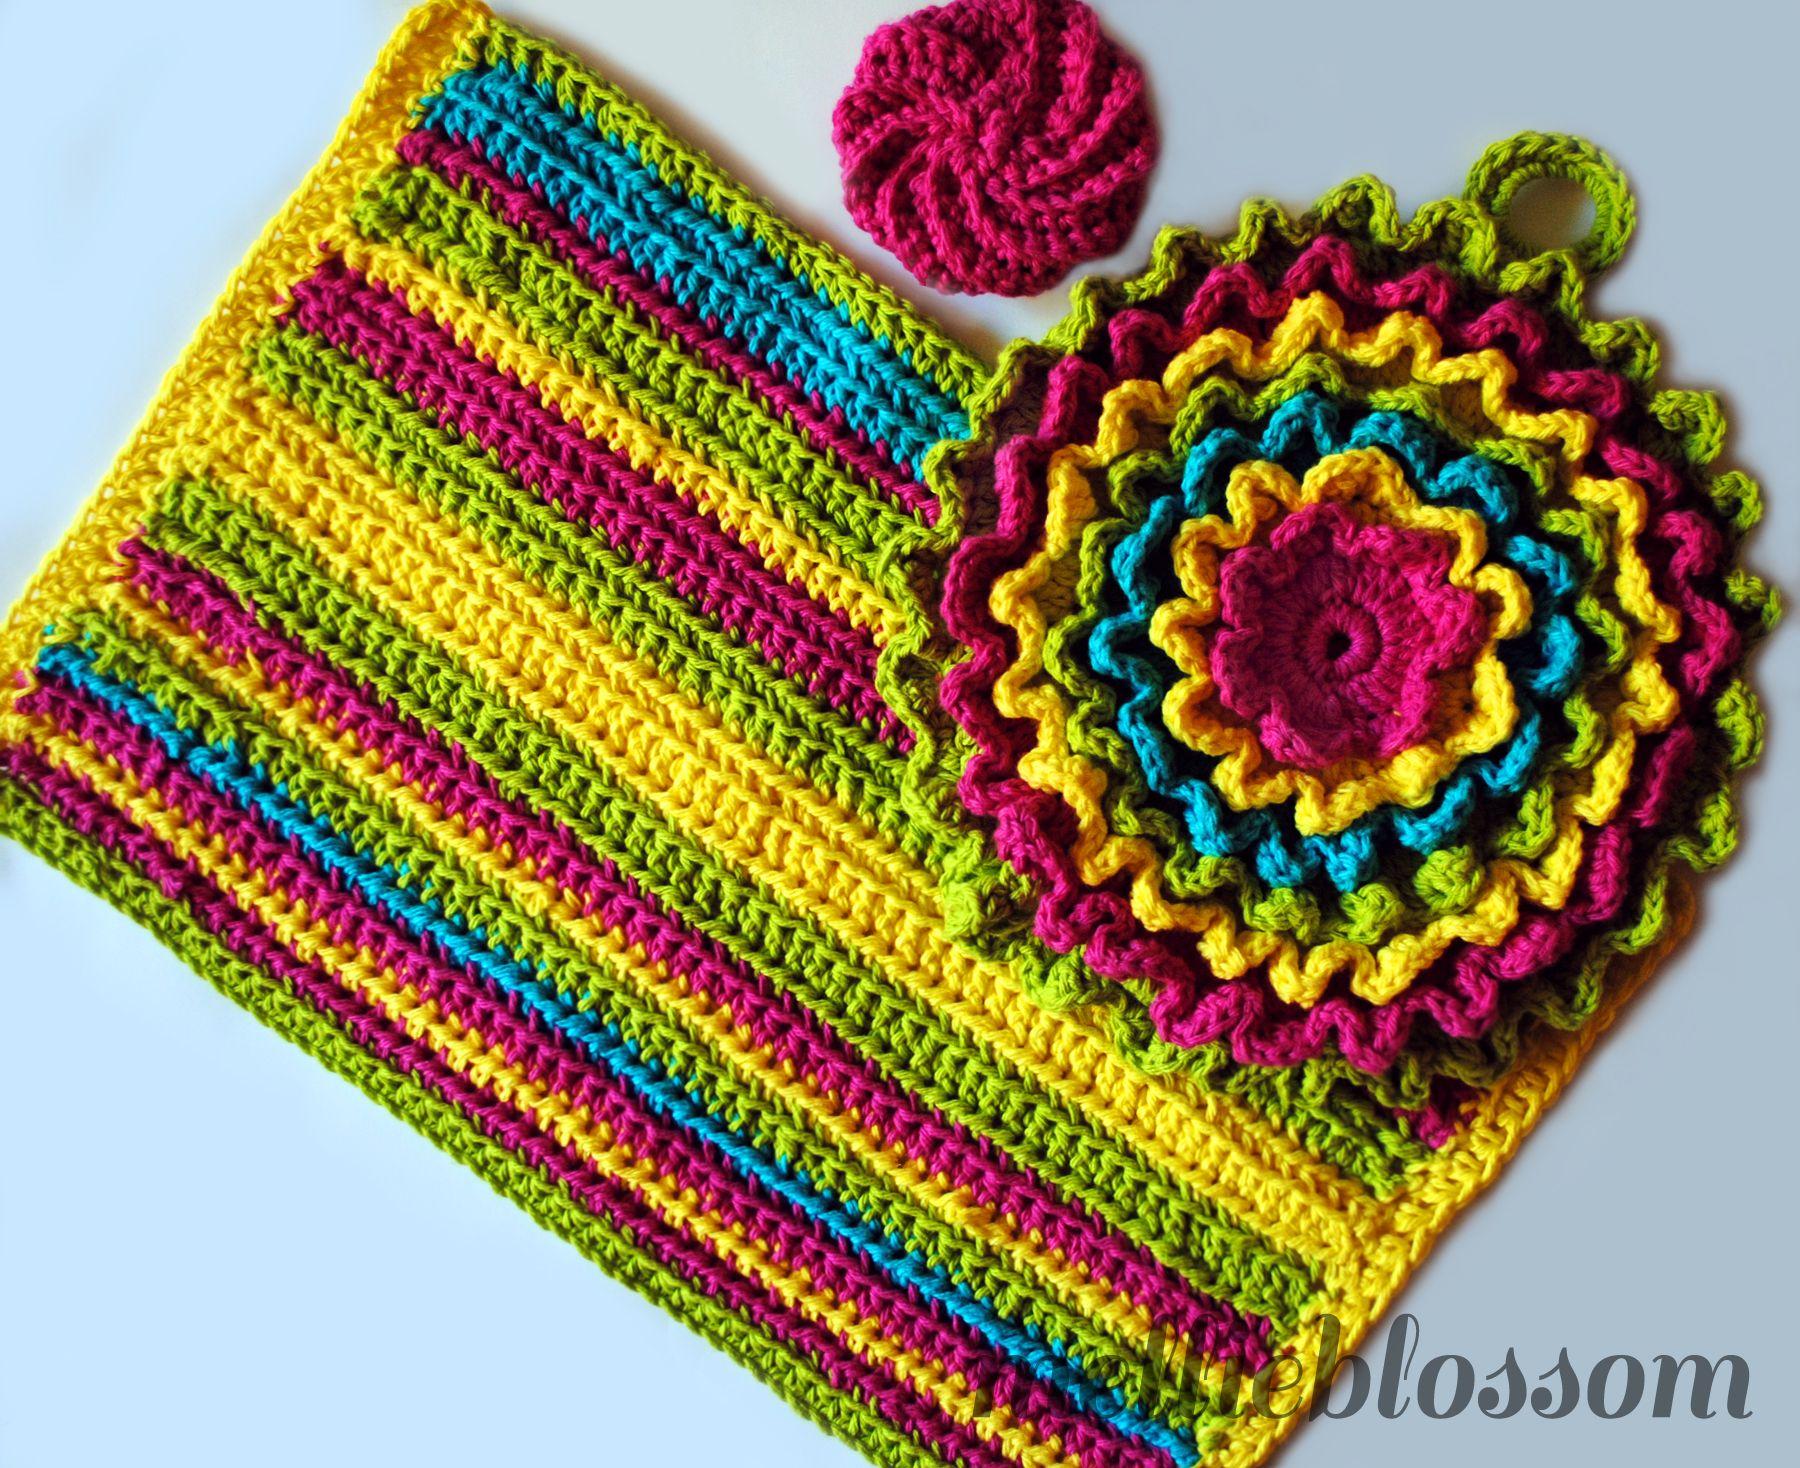 Crochet dish scrubber pattern free google search scrubba dub crochet dish scrubber pattern free google search bankloansurffo Gallery